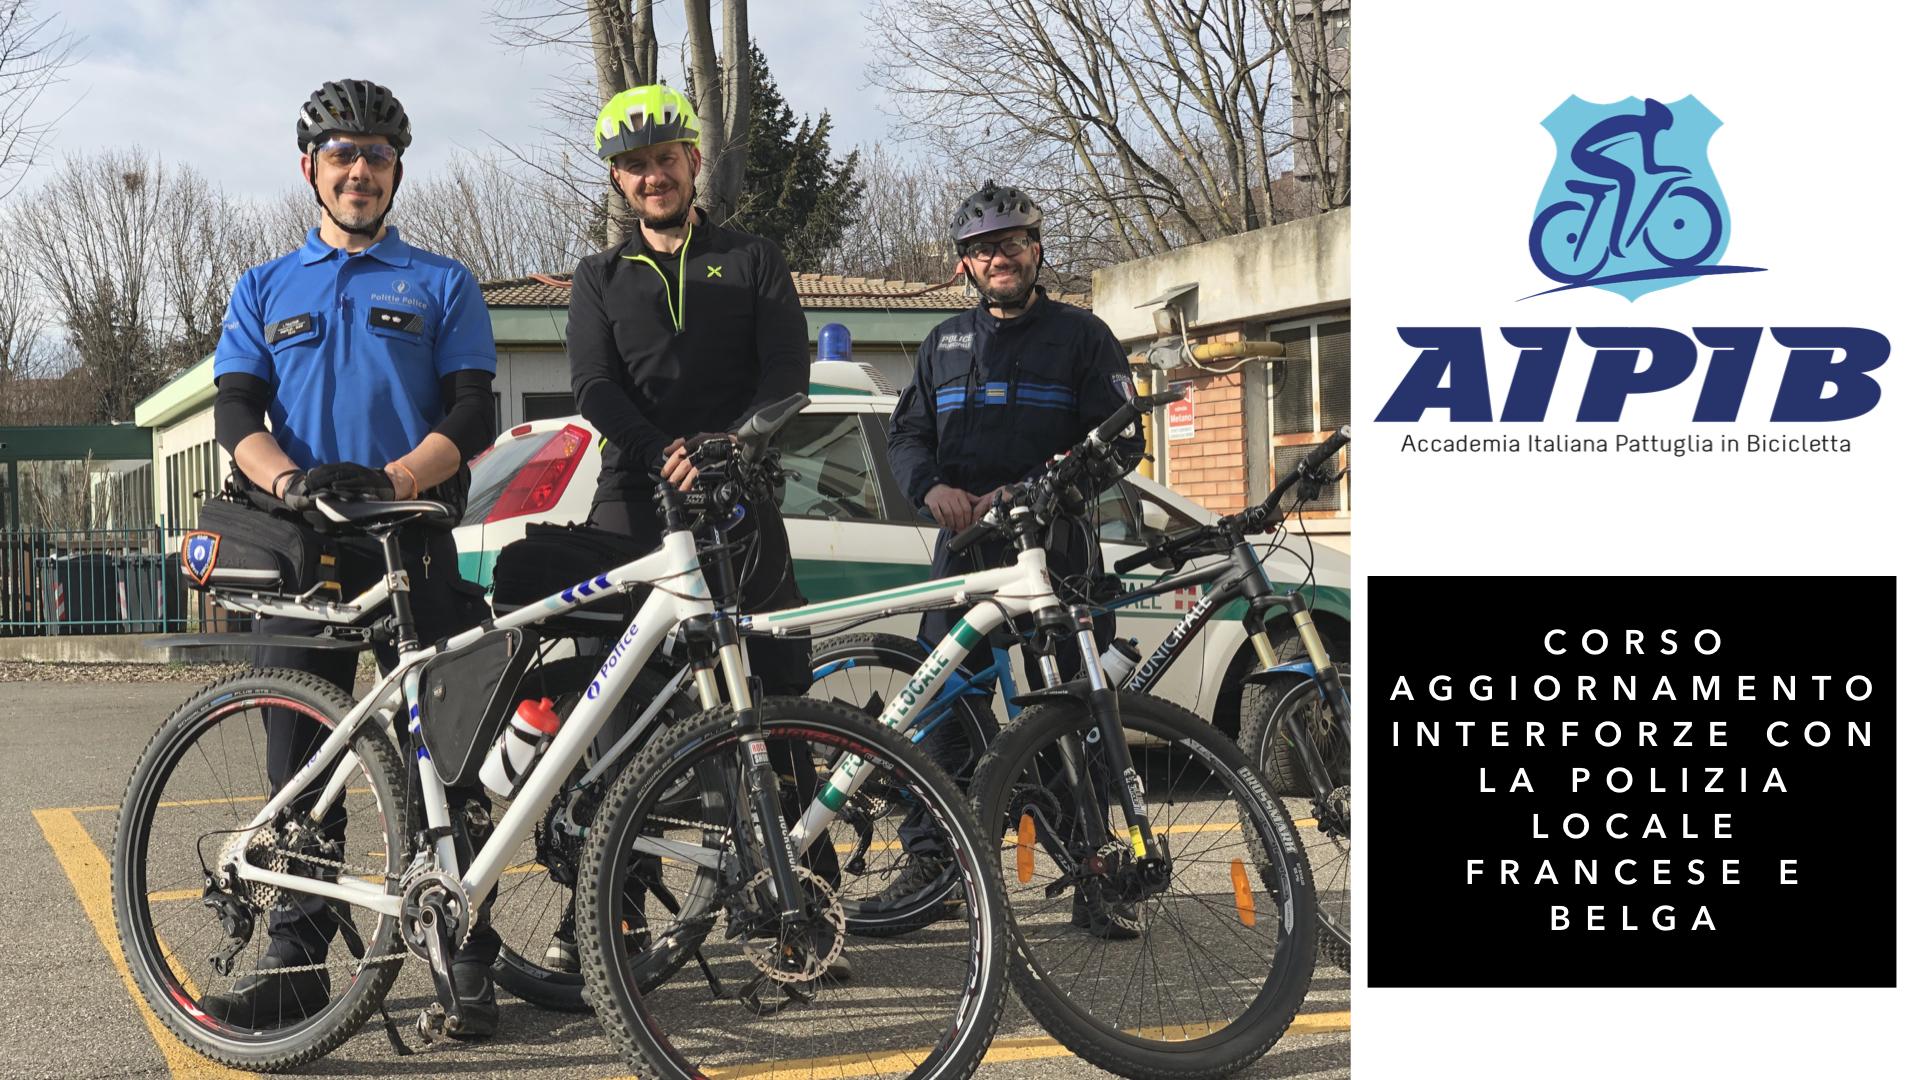 corso bike patrol  interforze